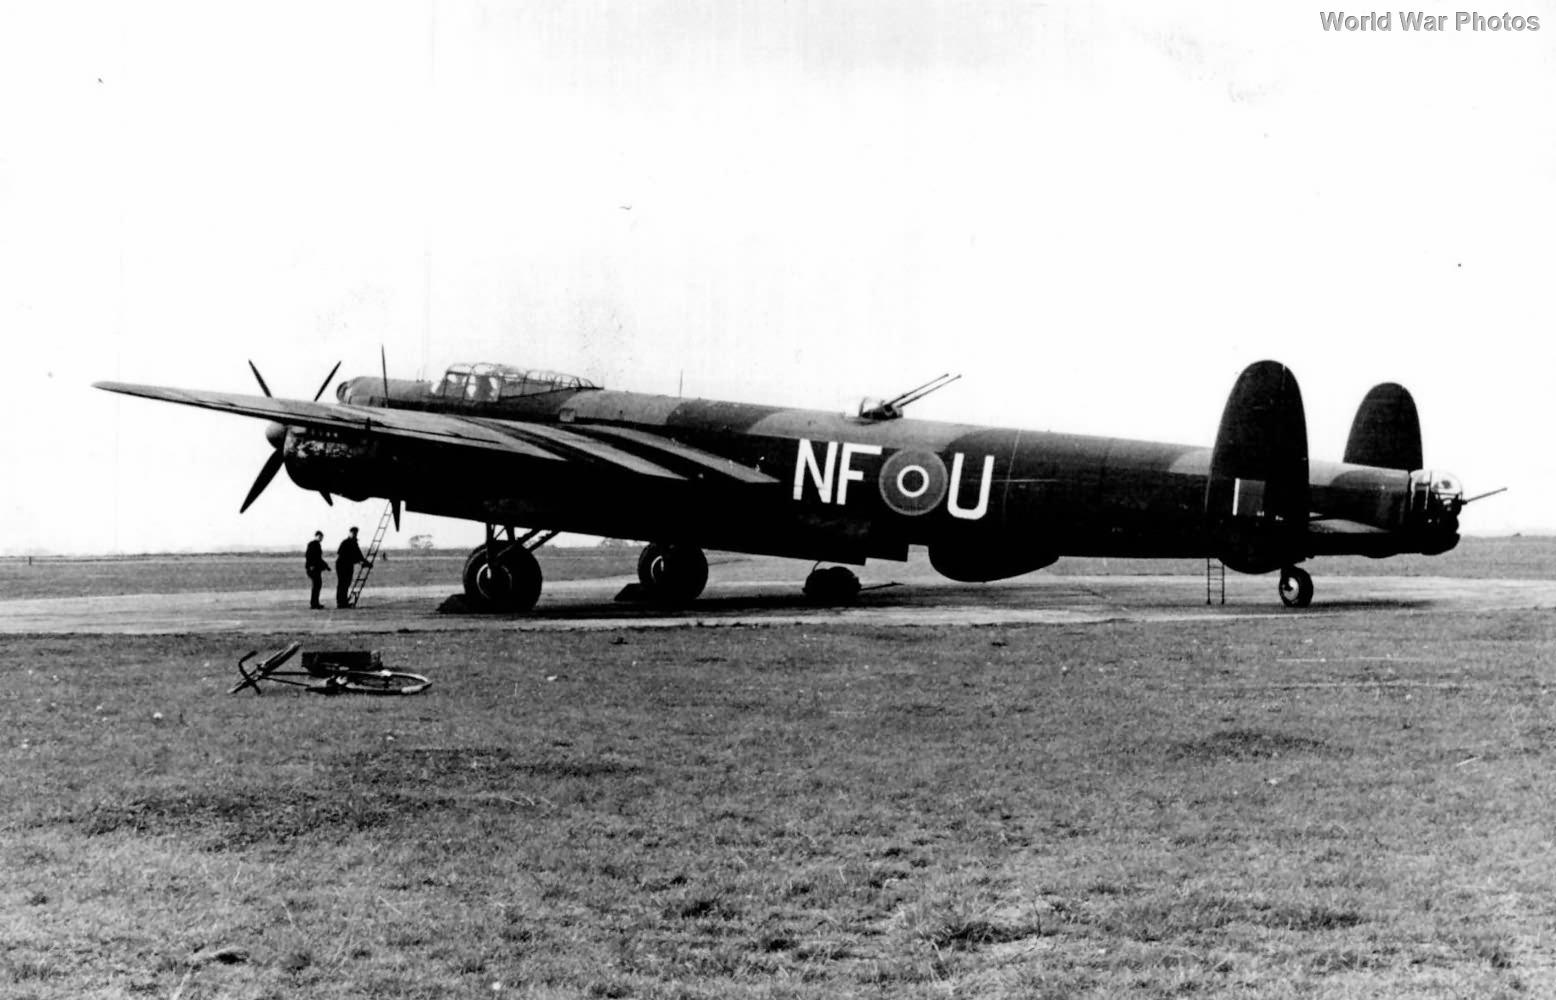 Avro Lincoln NF-U of No. 138 Squadron RAF